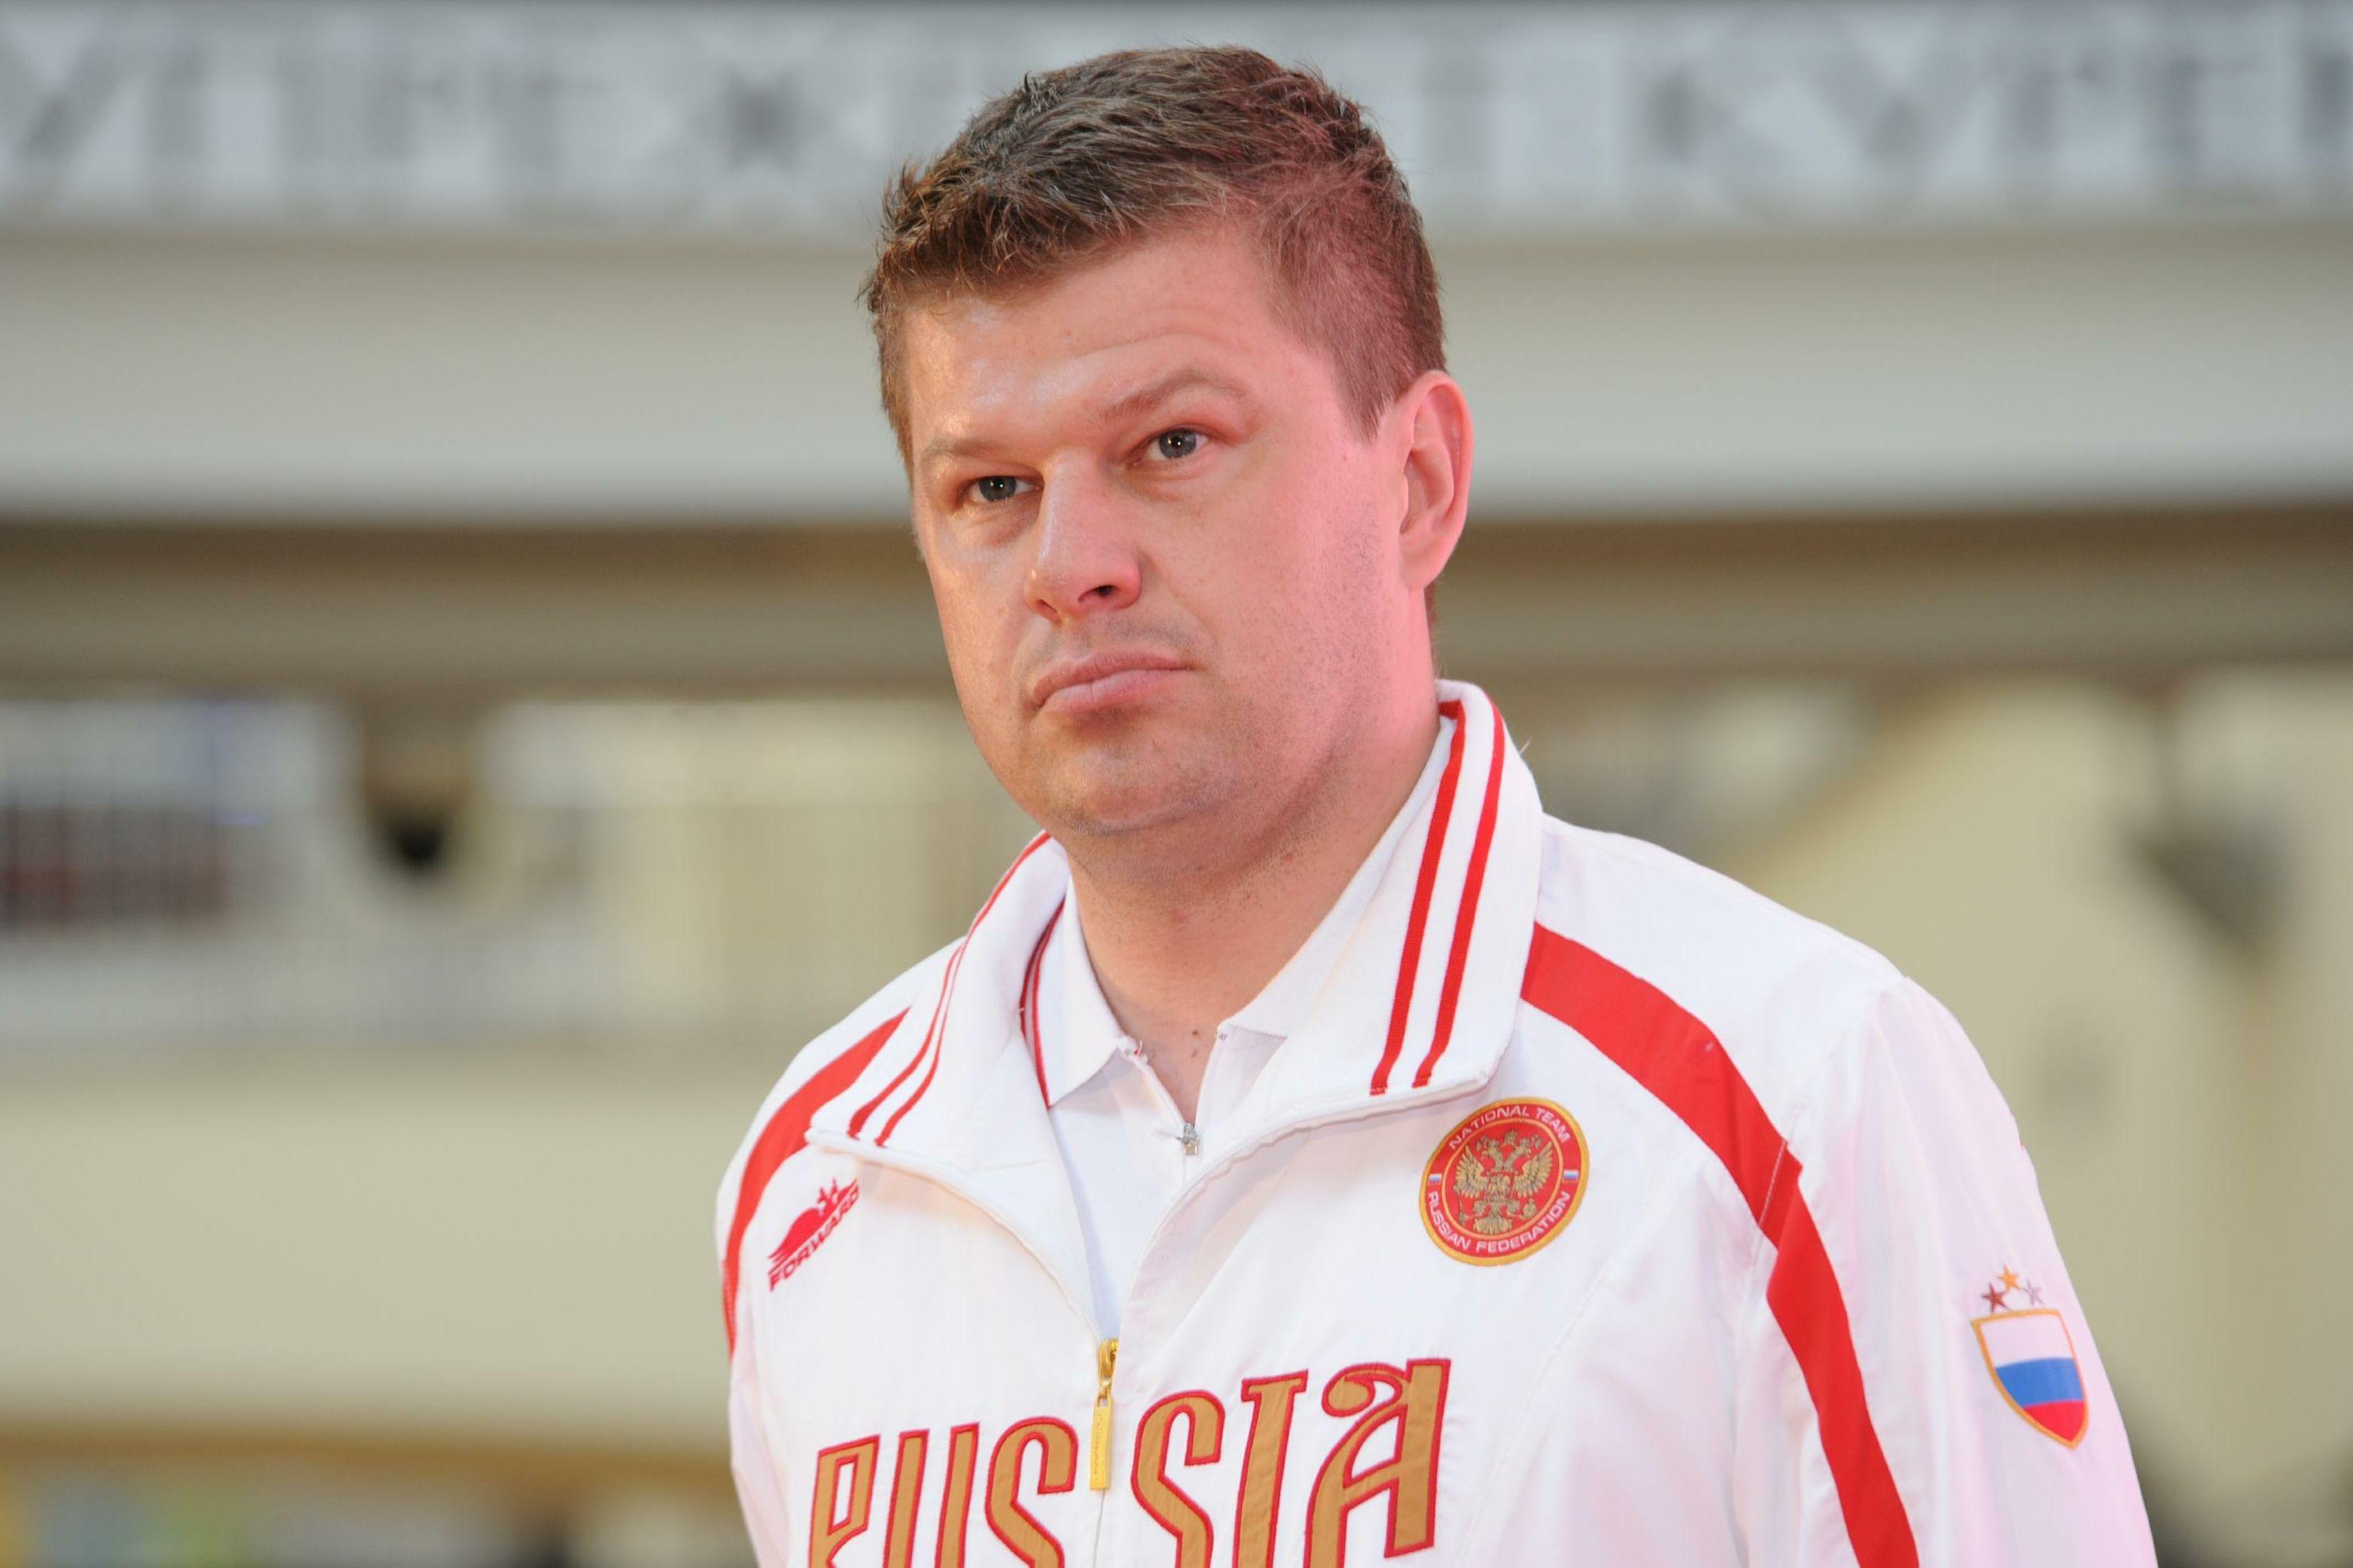 Губерниев: 'Главный биатлонист России - это я'